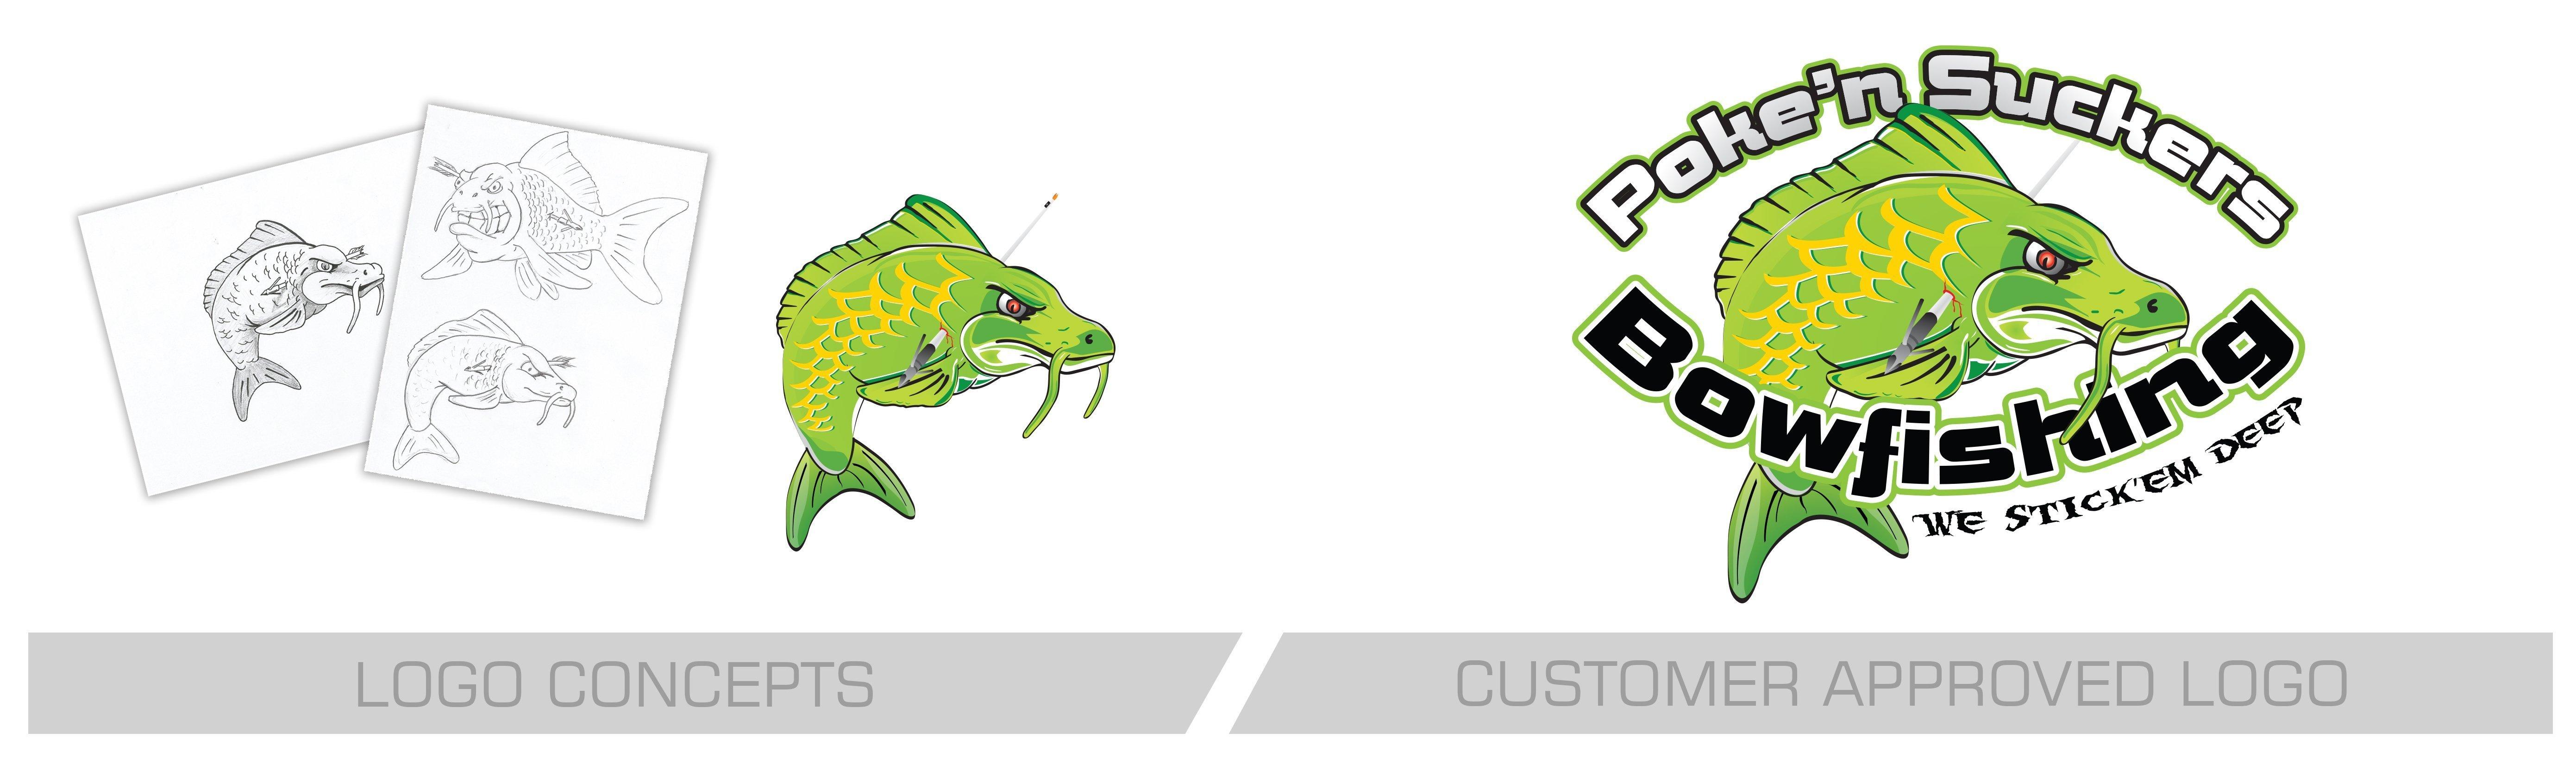 Pokin Suckers logo